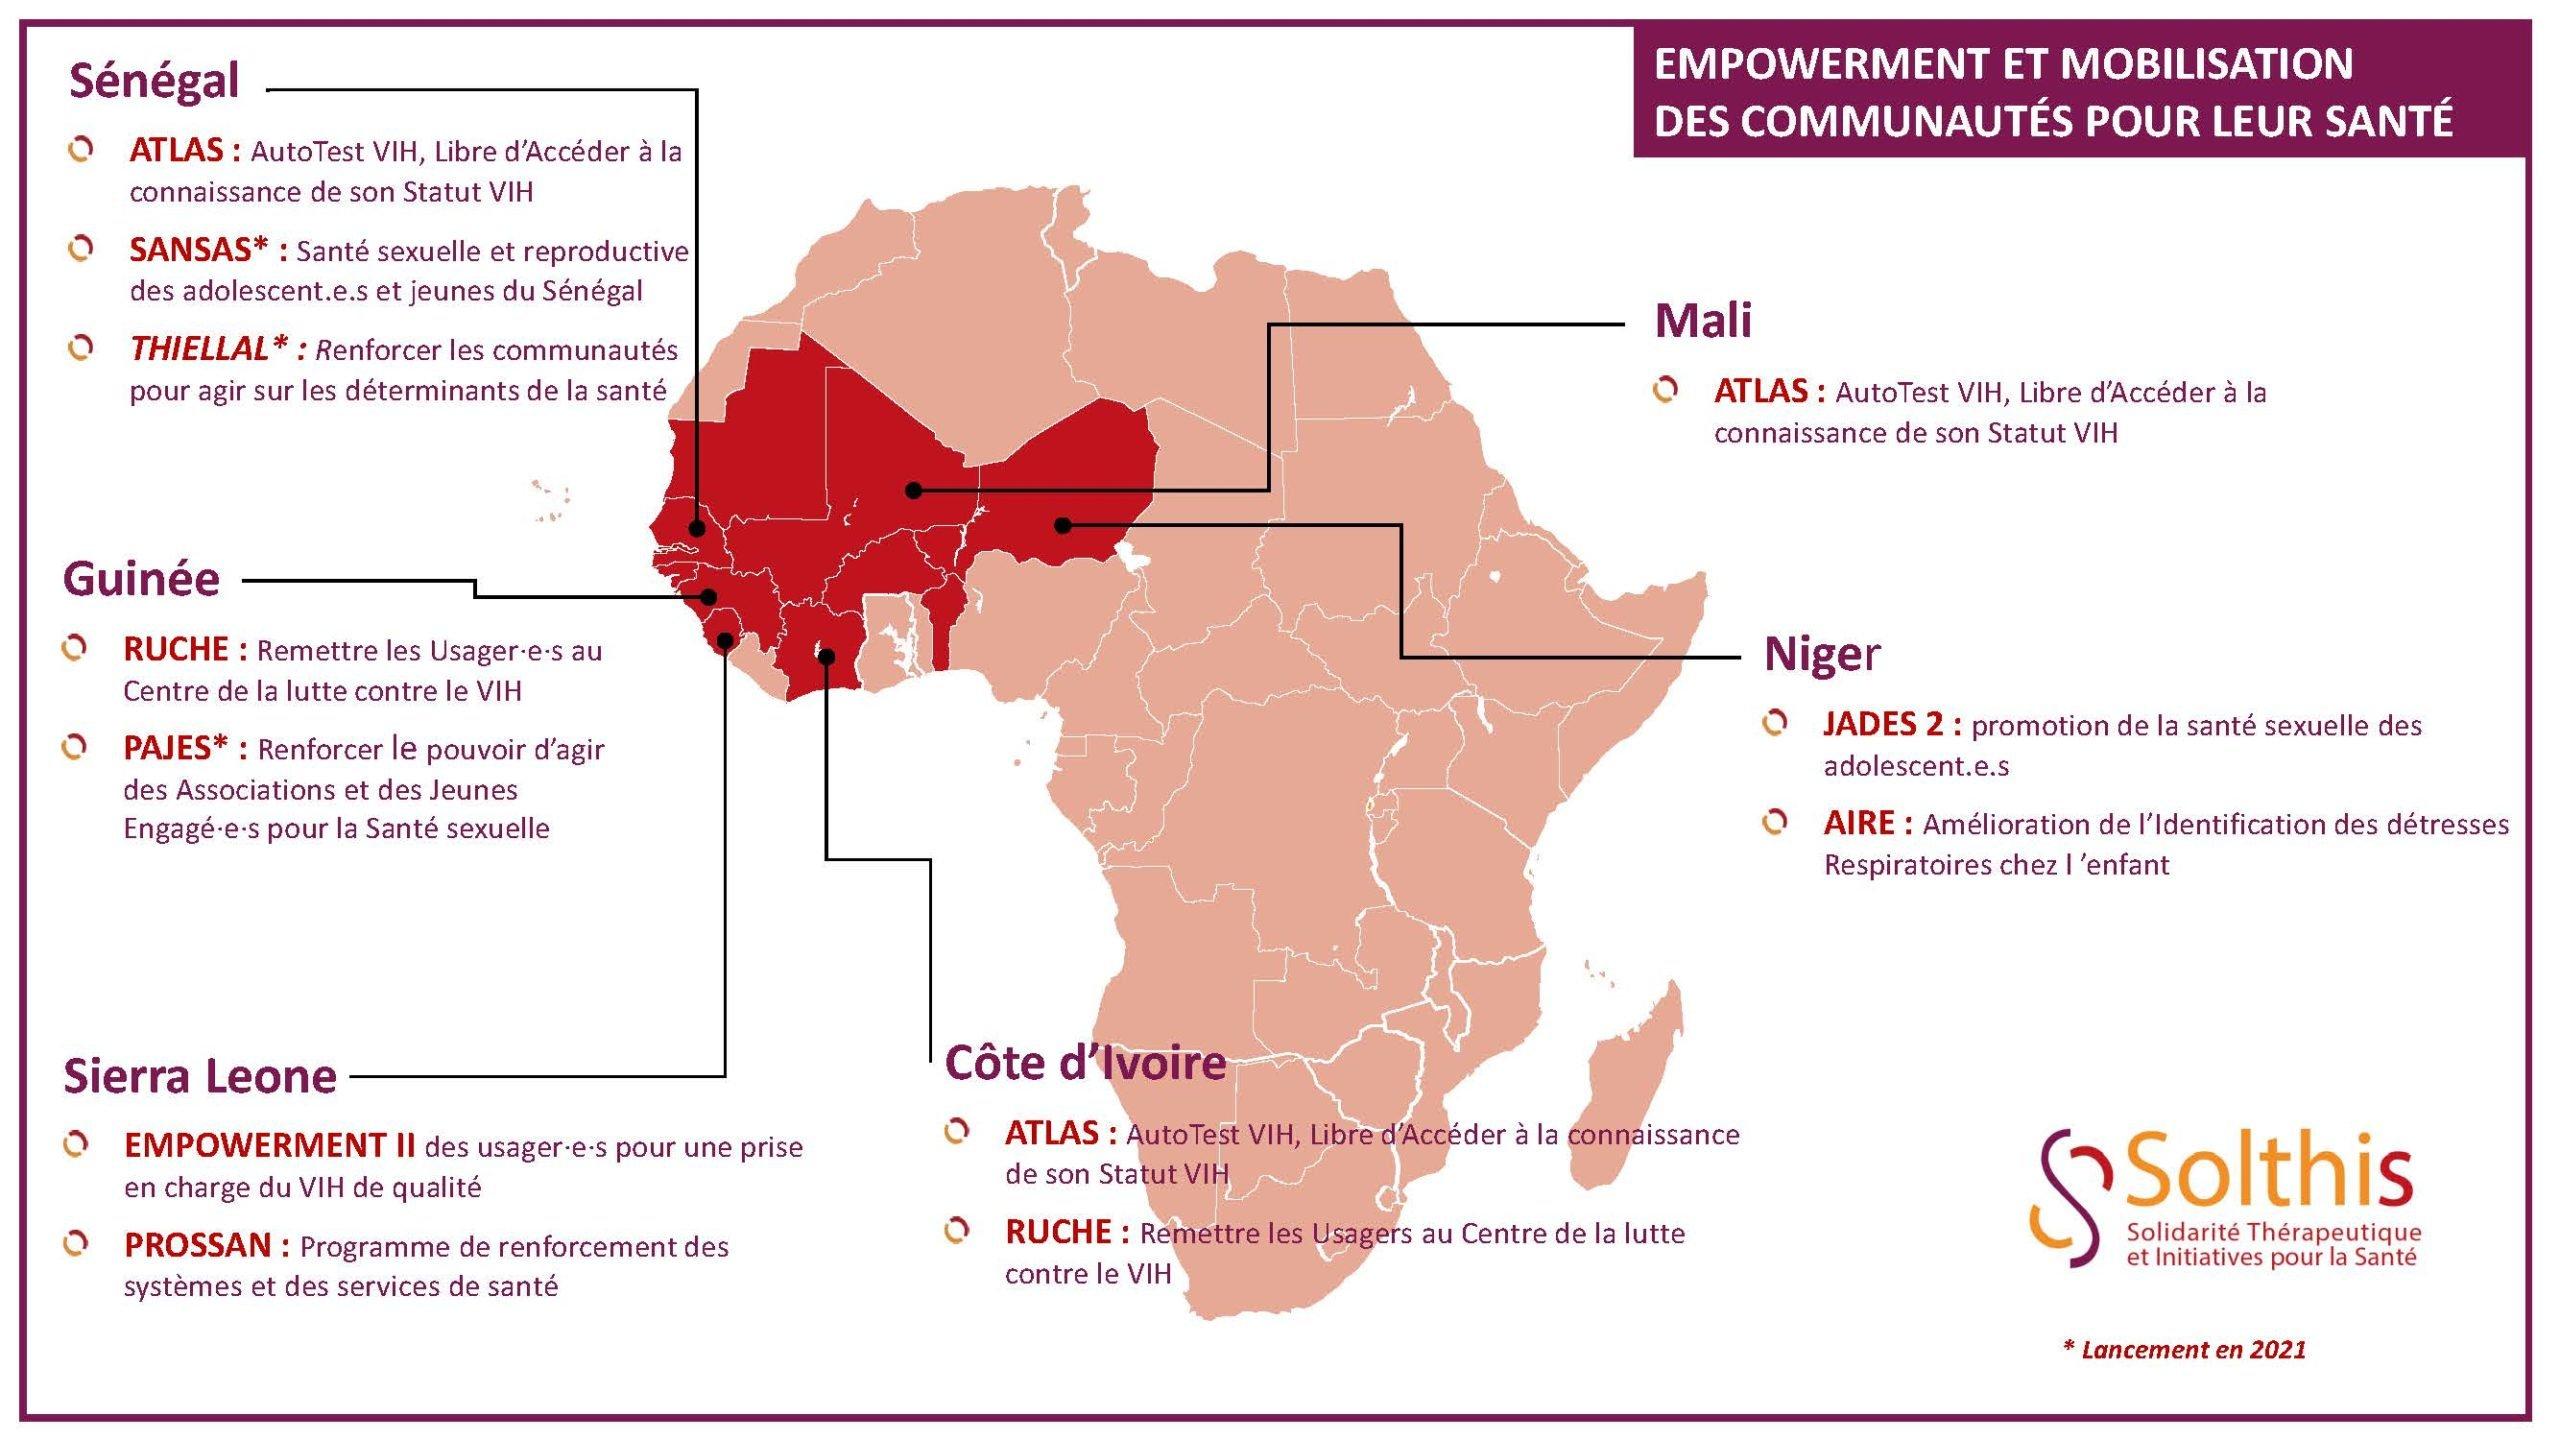 Carte projets - Empowerment et mobilisation des commanautés pour leur santé